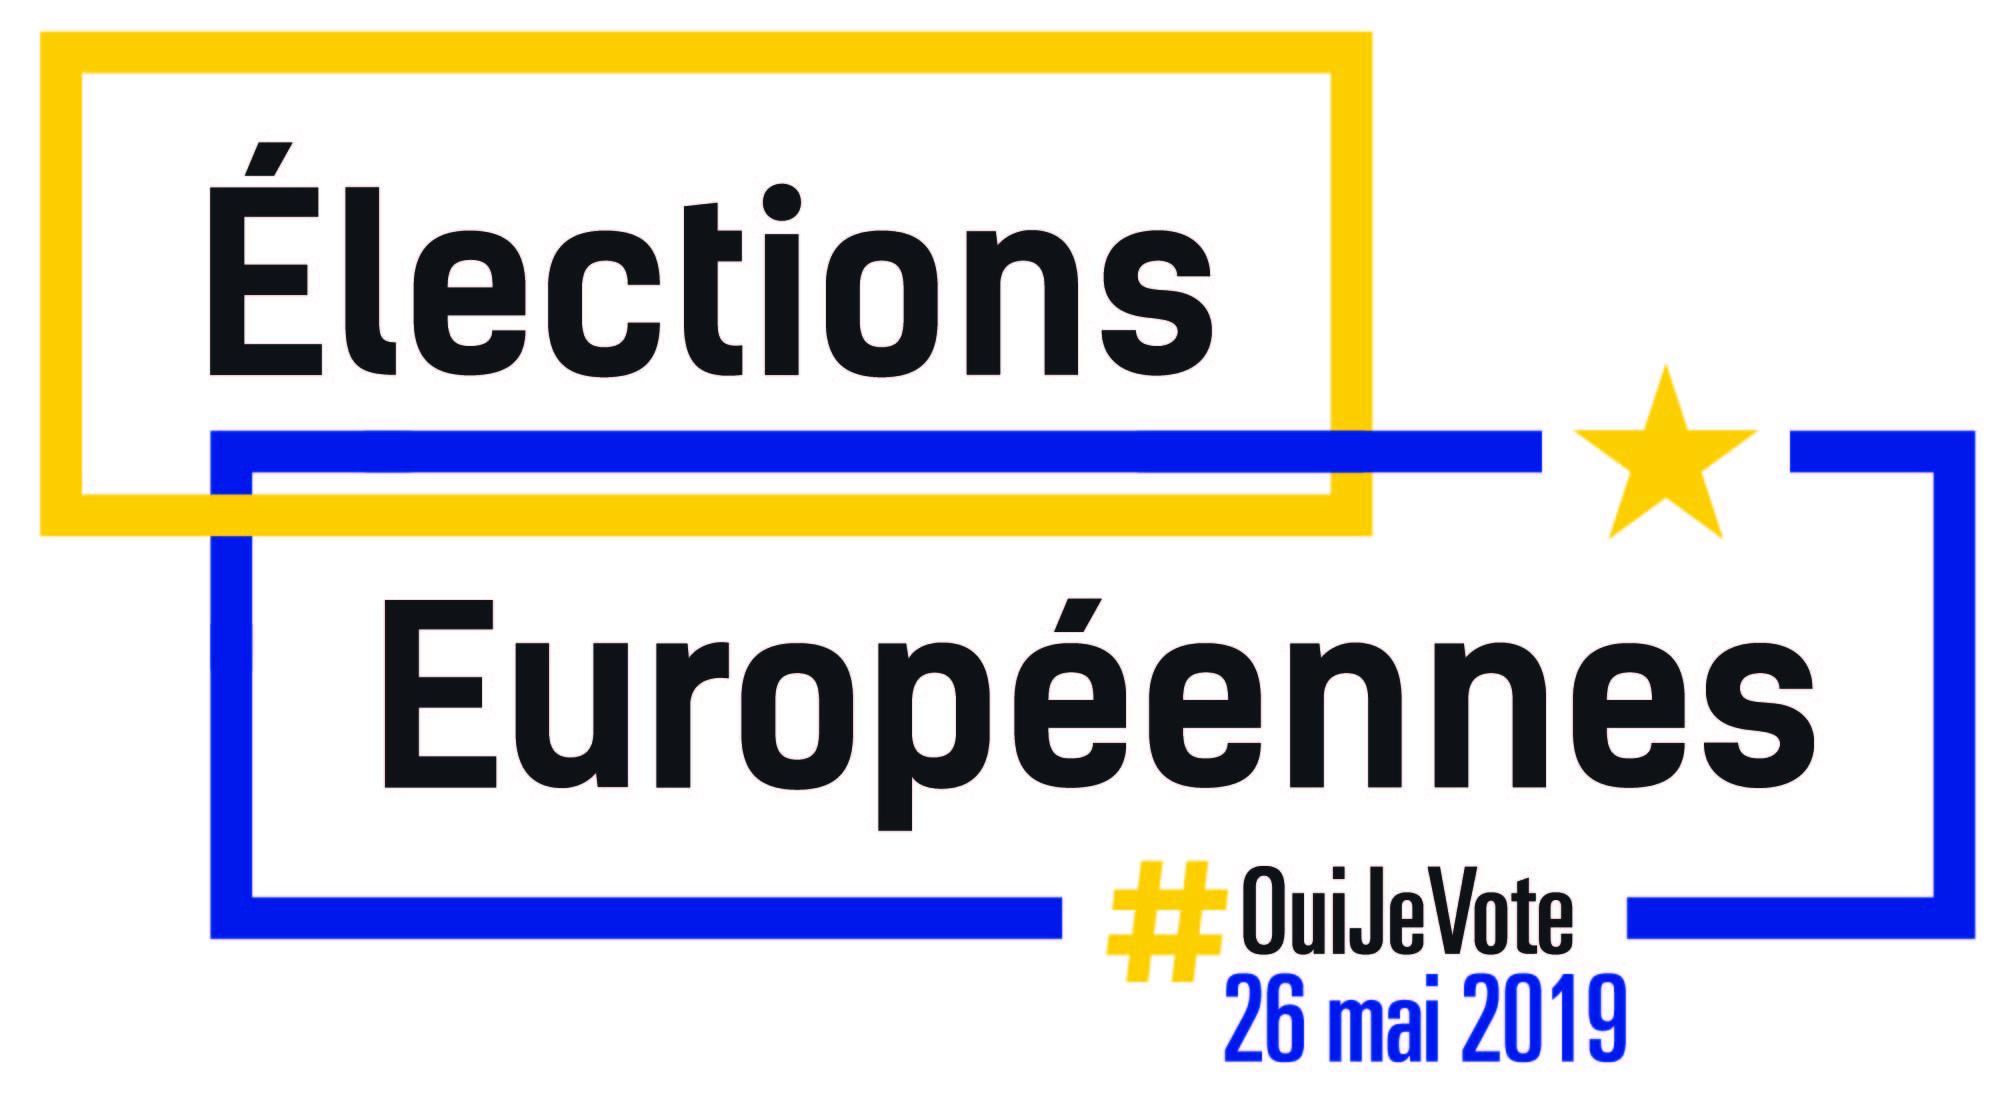 """Résultat de recherche d'images pour """"images elections europeennes"""""""